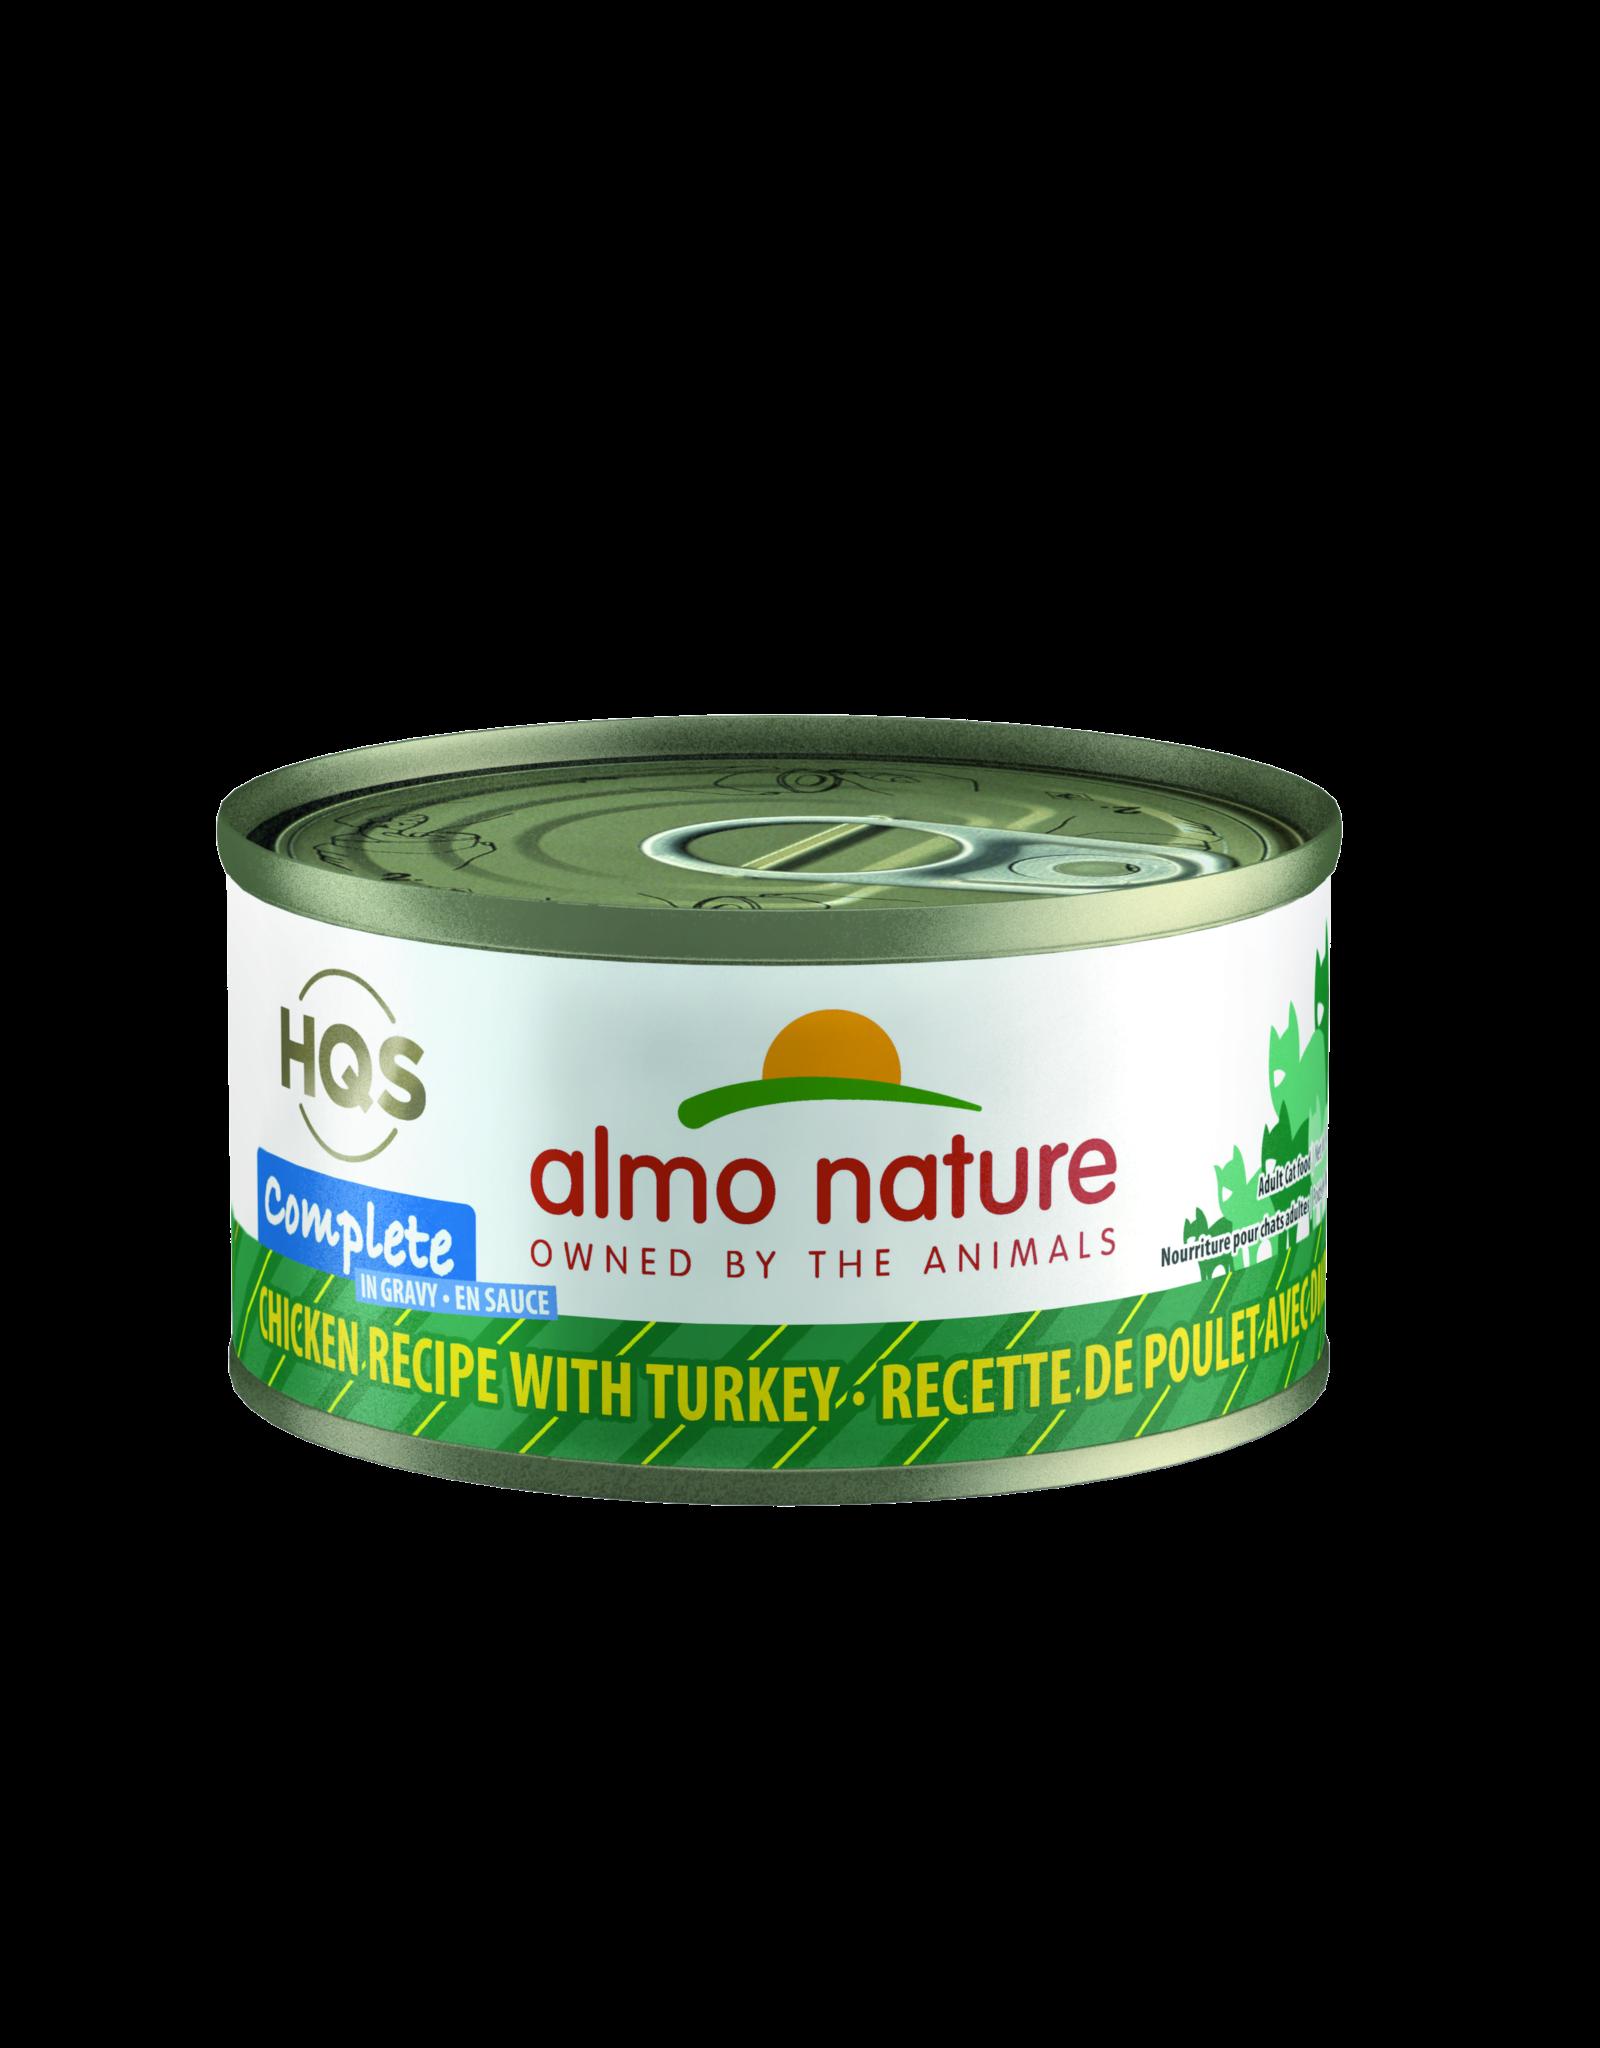 Almo Nature Almo Nature HQS Complete Chicken Recipe w/Turkey Cat Food 2.74oz